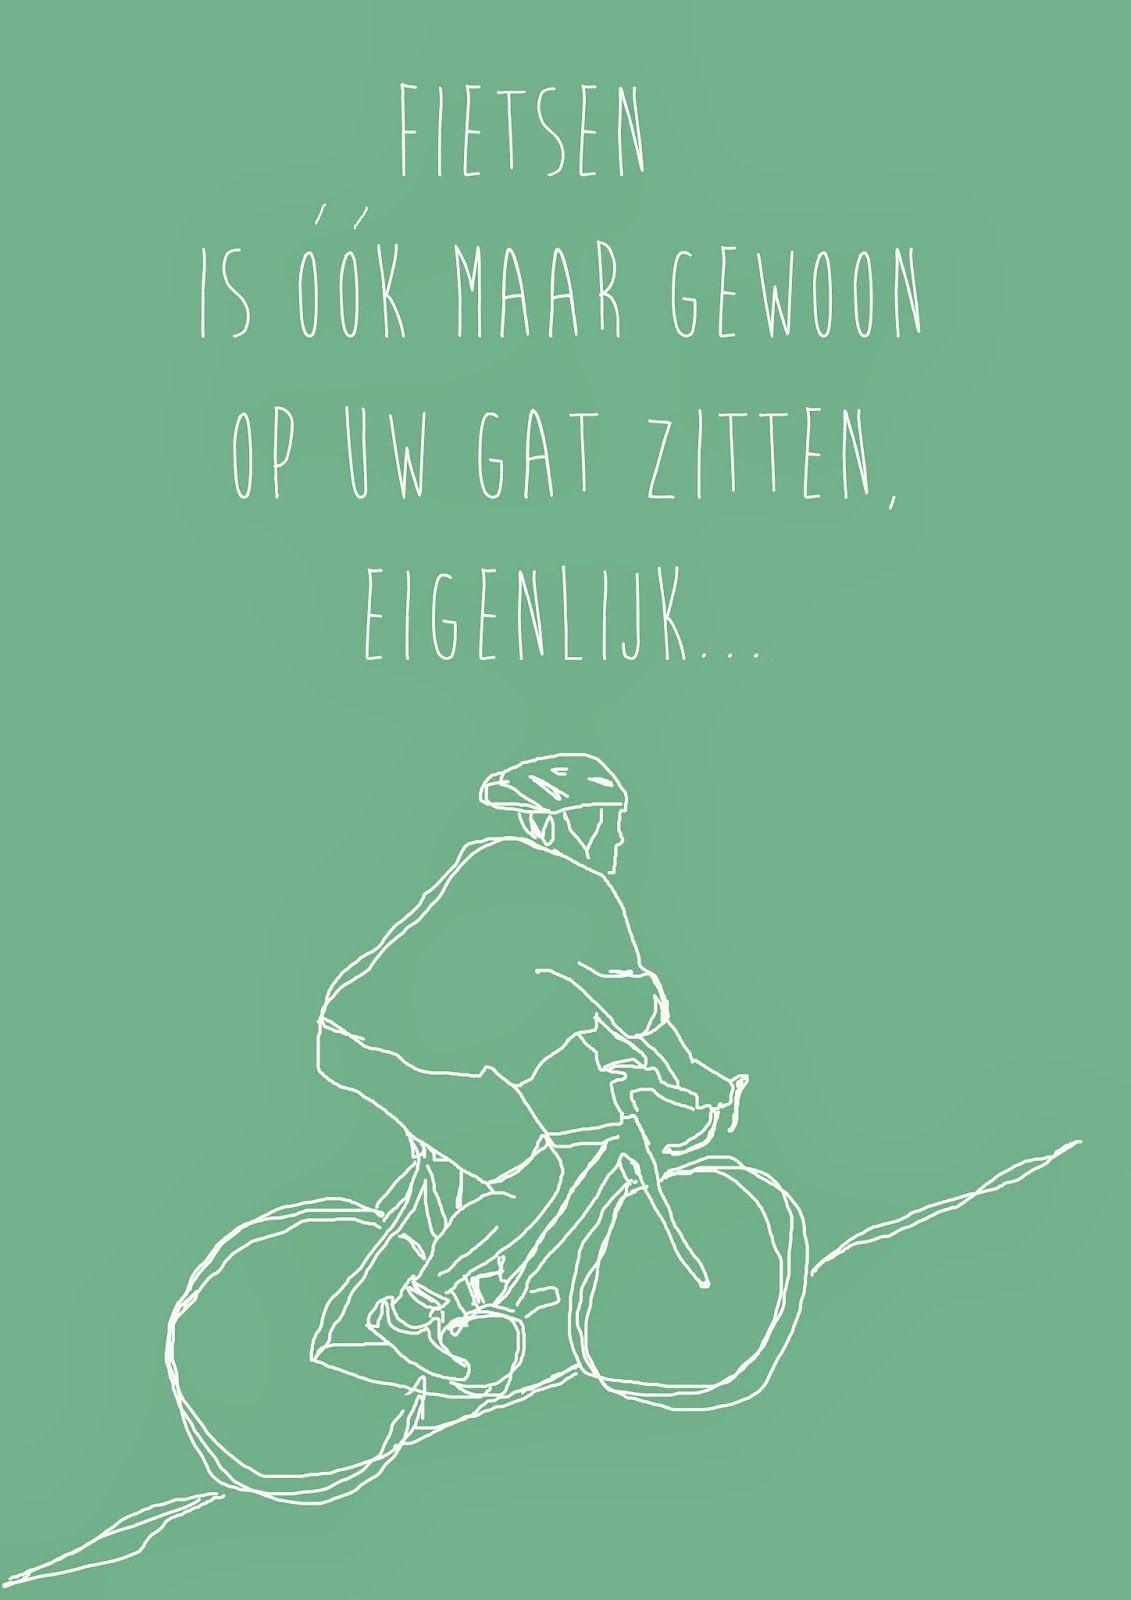 fiets spreuken Pin van Renate Vossen op Spreuken   Fietsen, Fiets en Grappig fiets spreuken